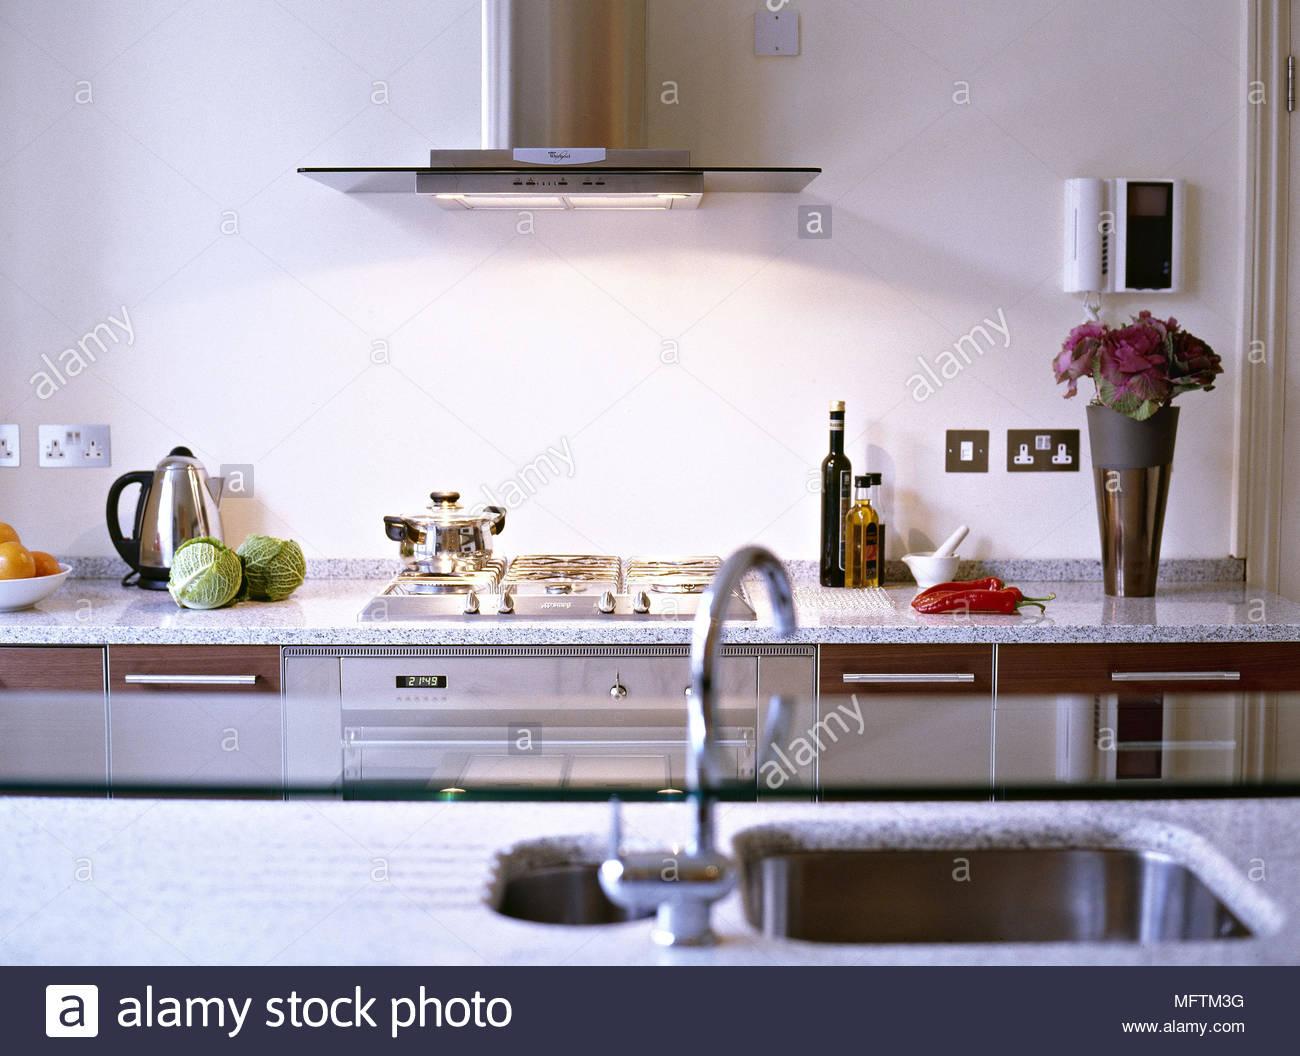 A modern kitchen granite work tops sink appliances extractor fan ...